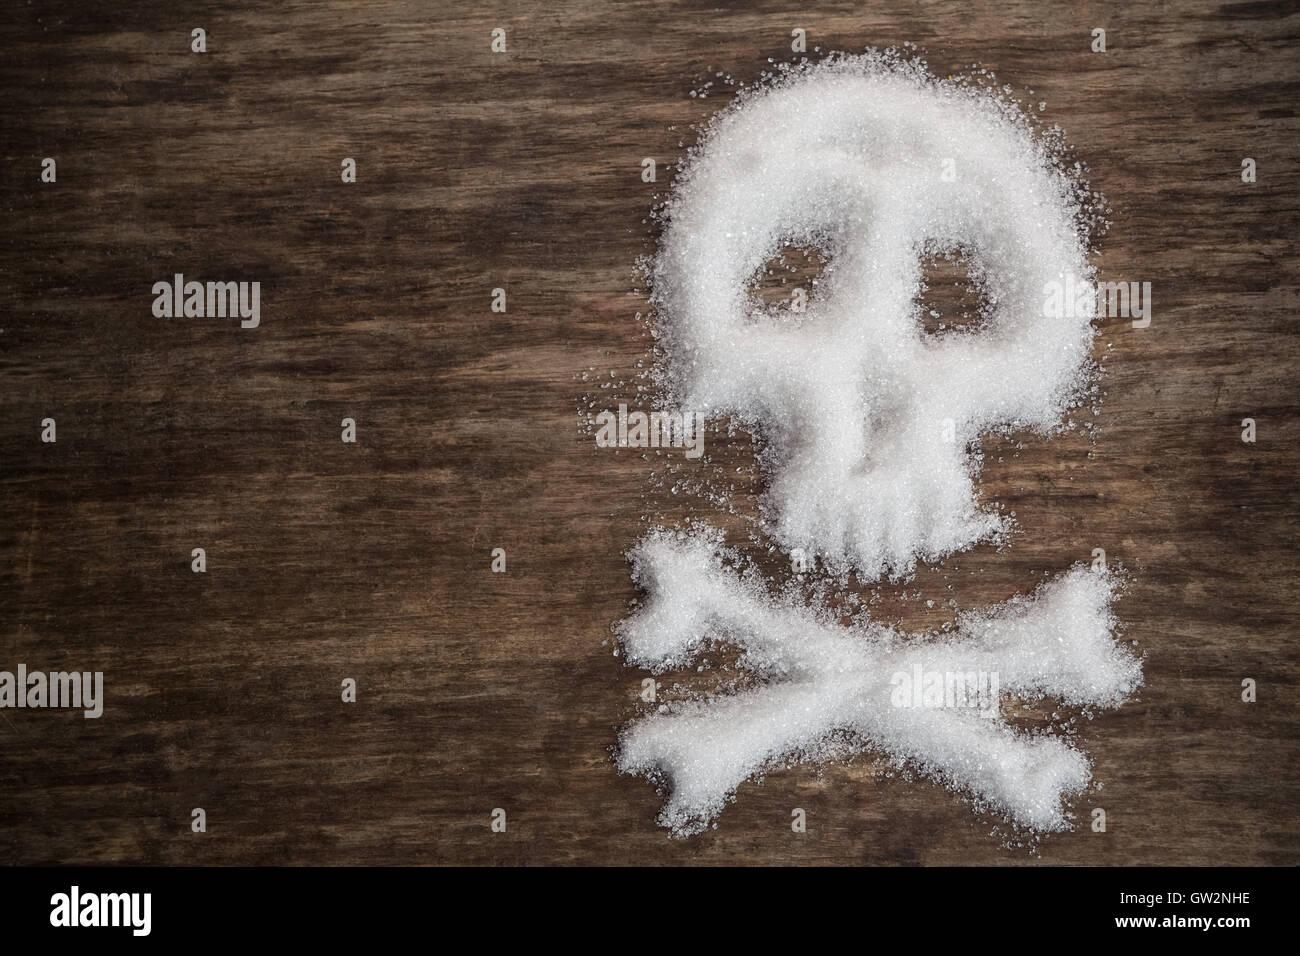 unhealthy white sugar concept - Stock Image